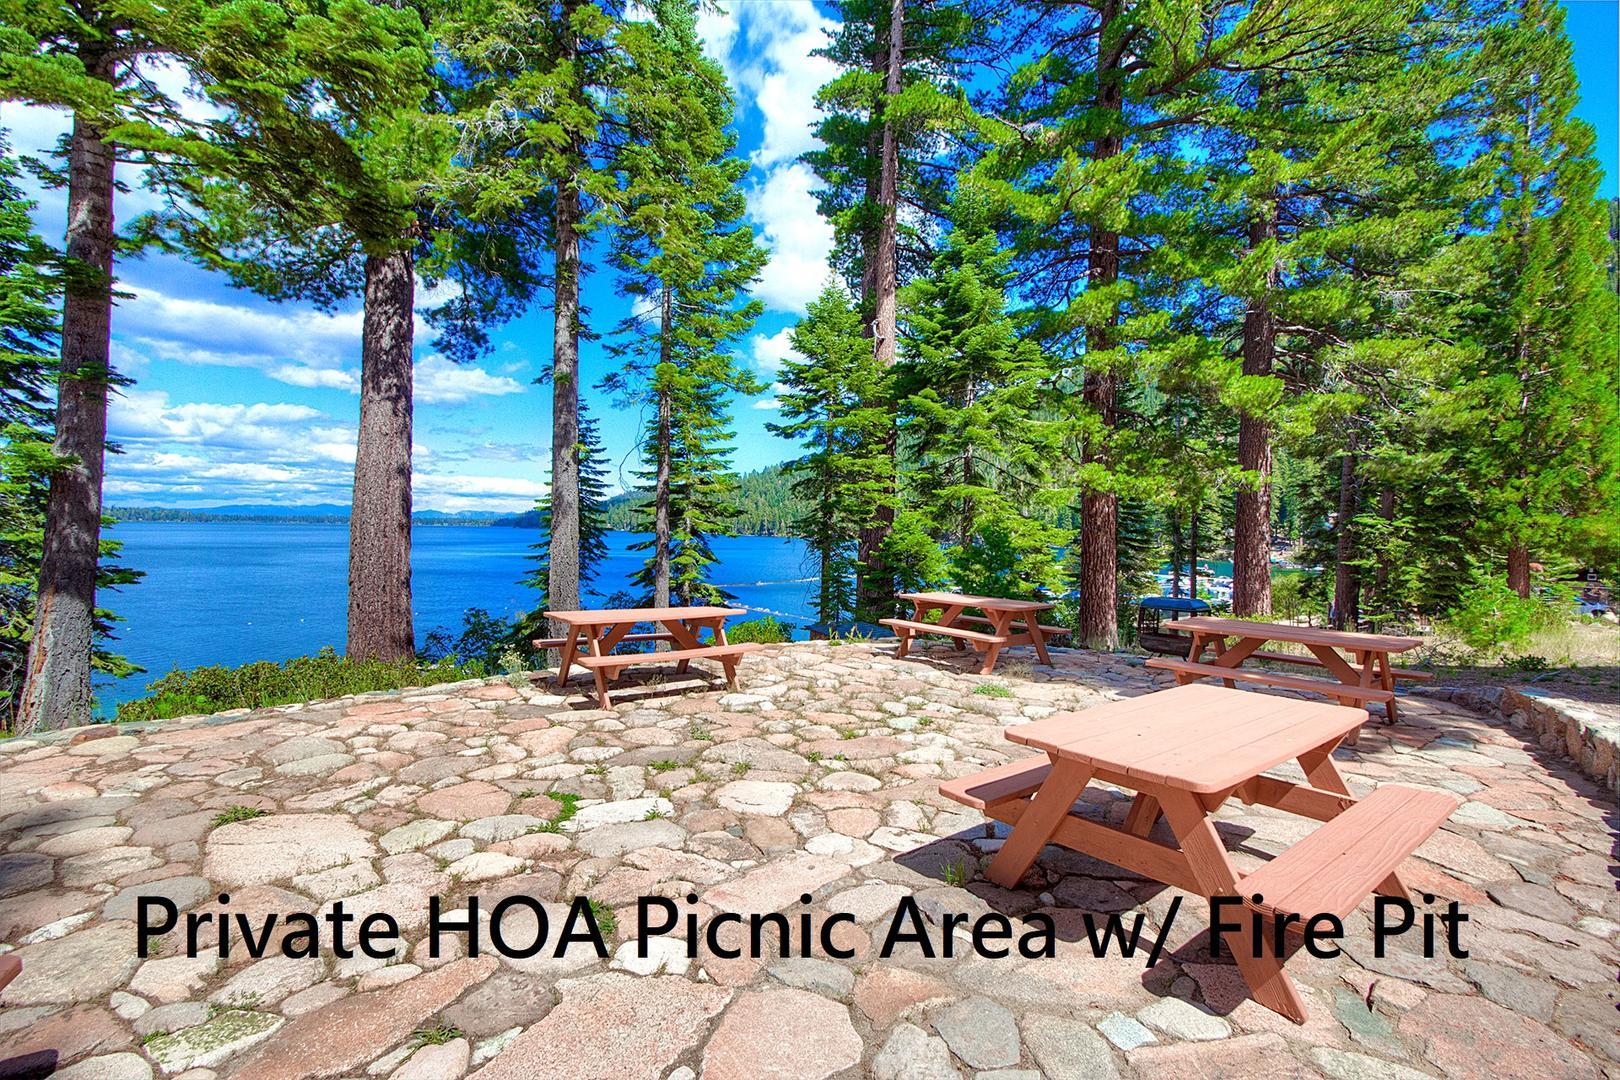 COH1444 HOA Picnic Area